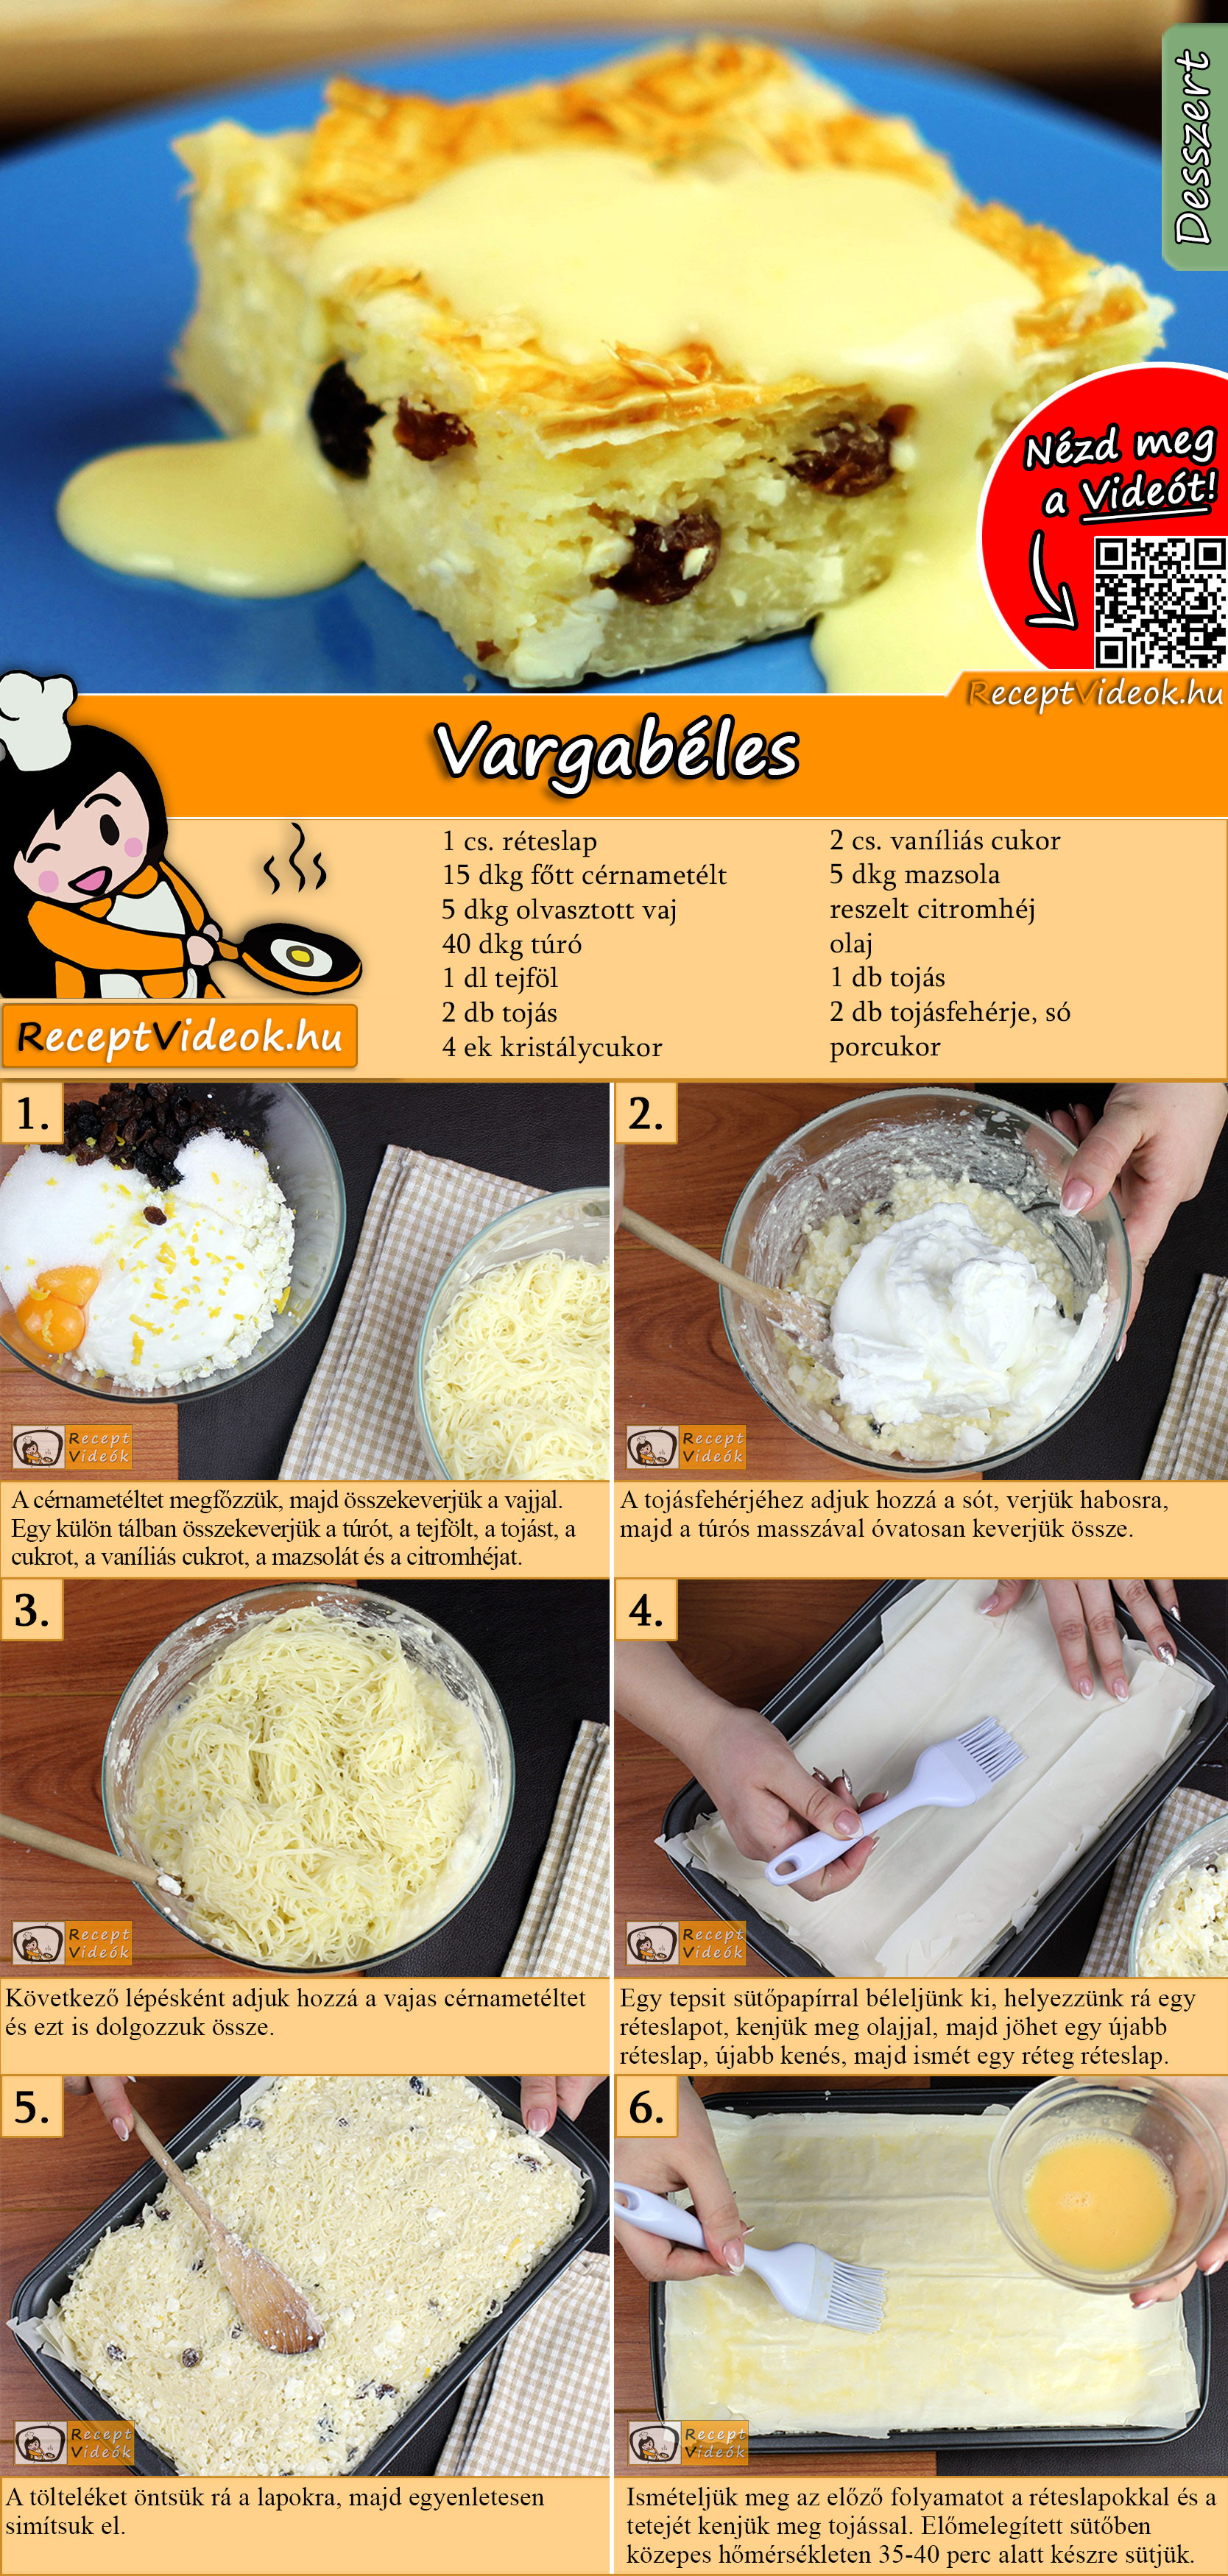 Vargabéles recept elkészítése videóval